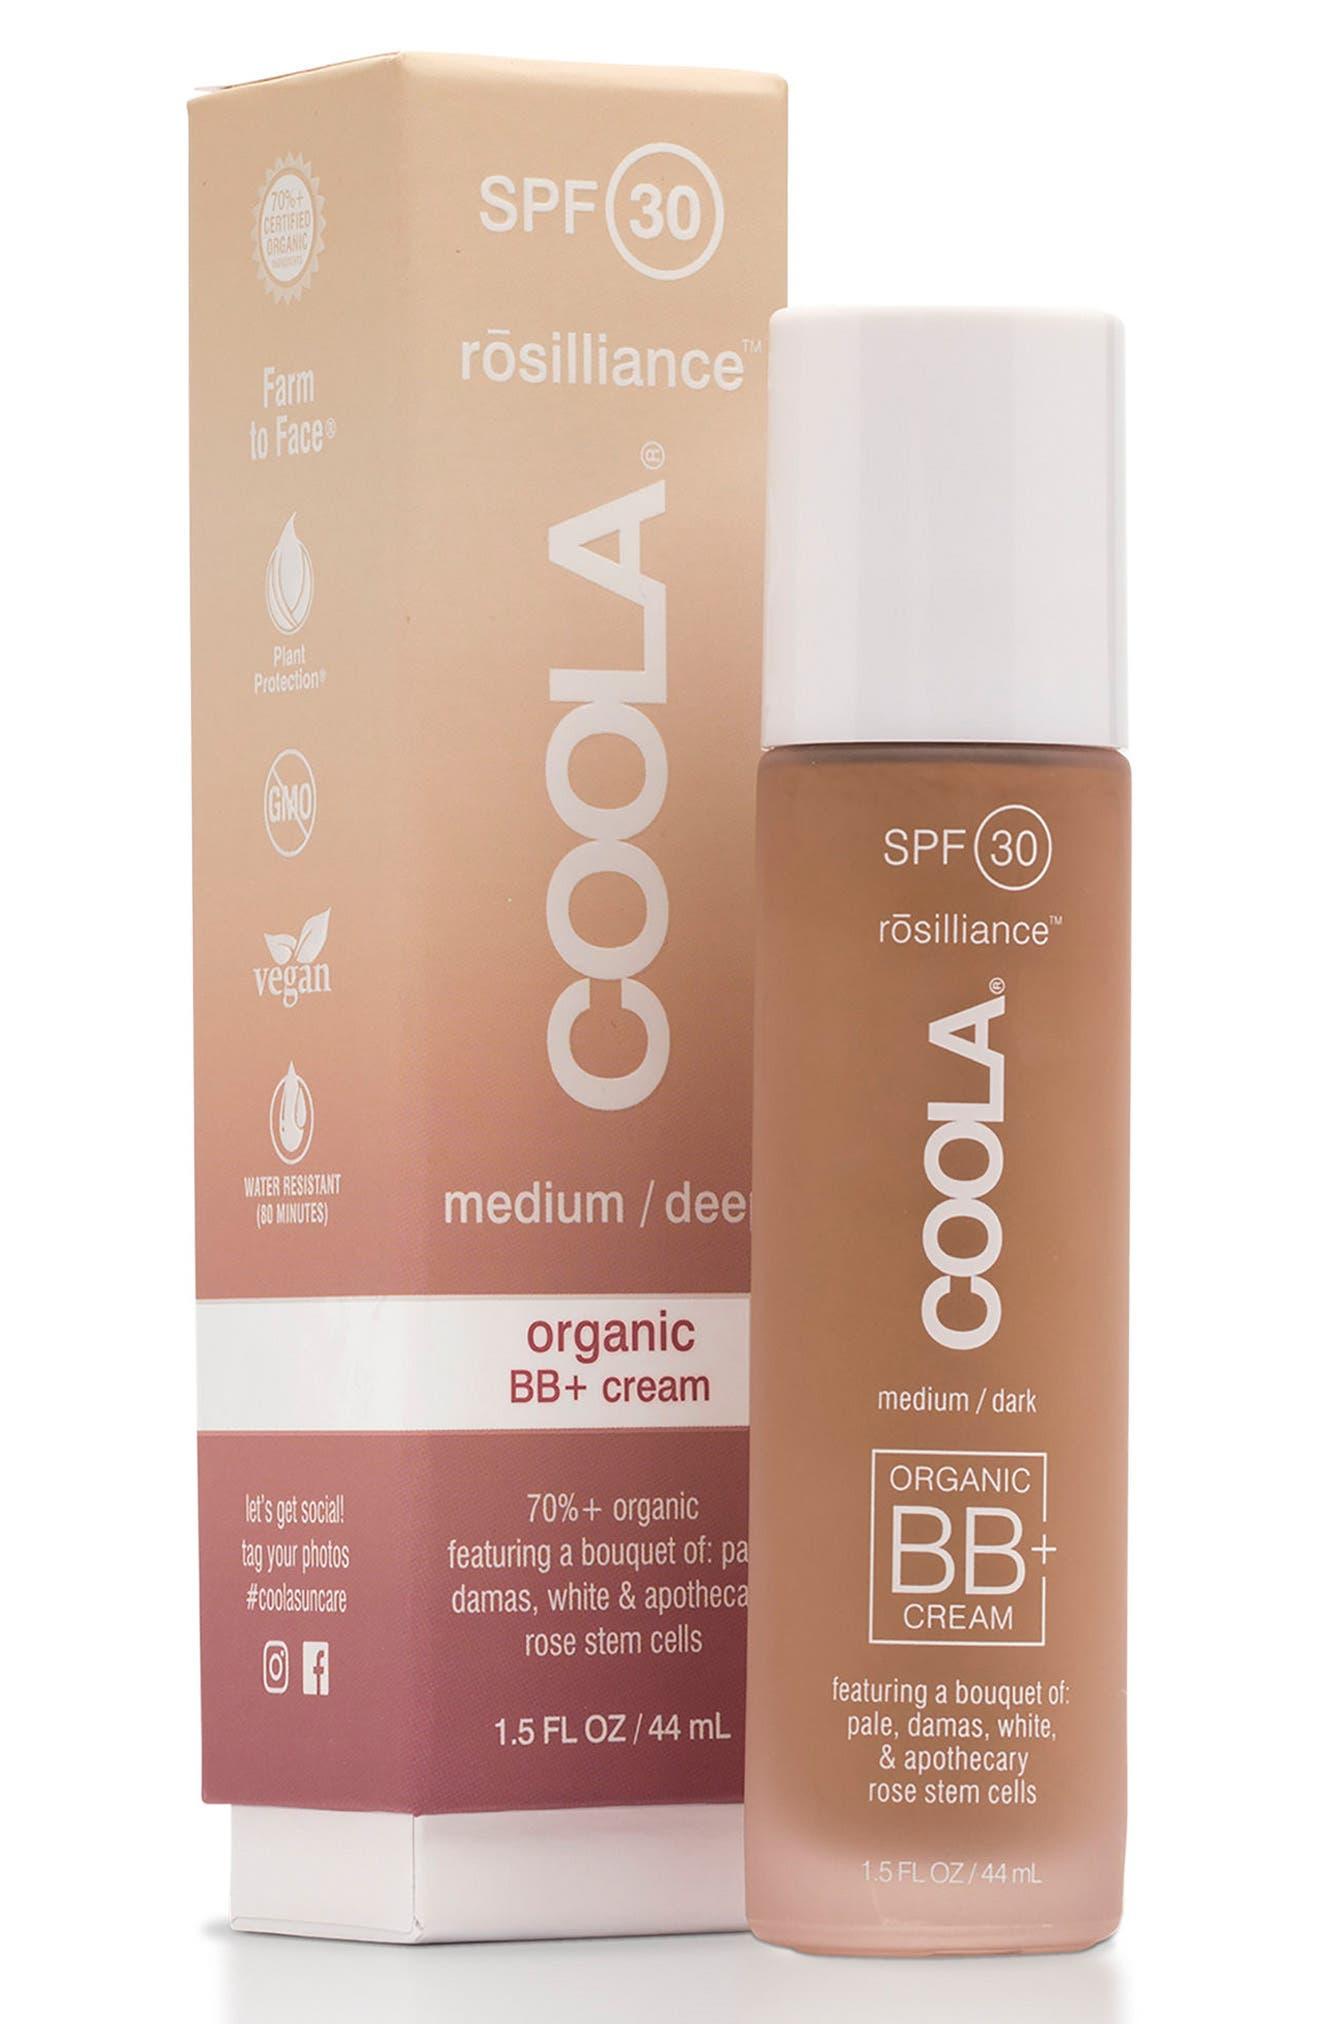 COOLA® Suncare rosilliance™ Mineral BB+ Cream SPF 30